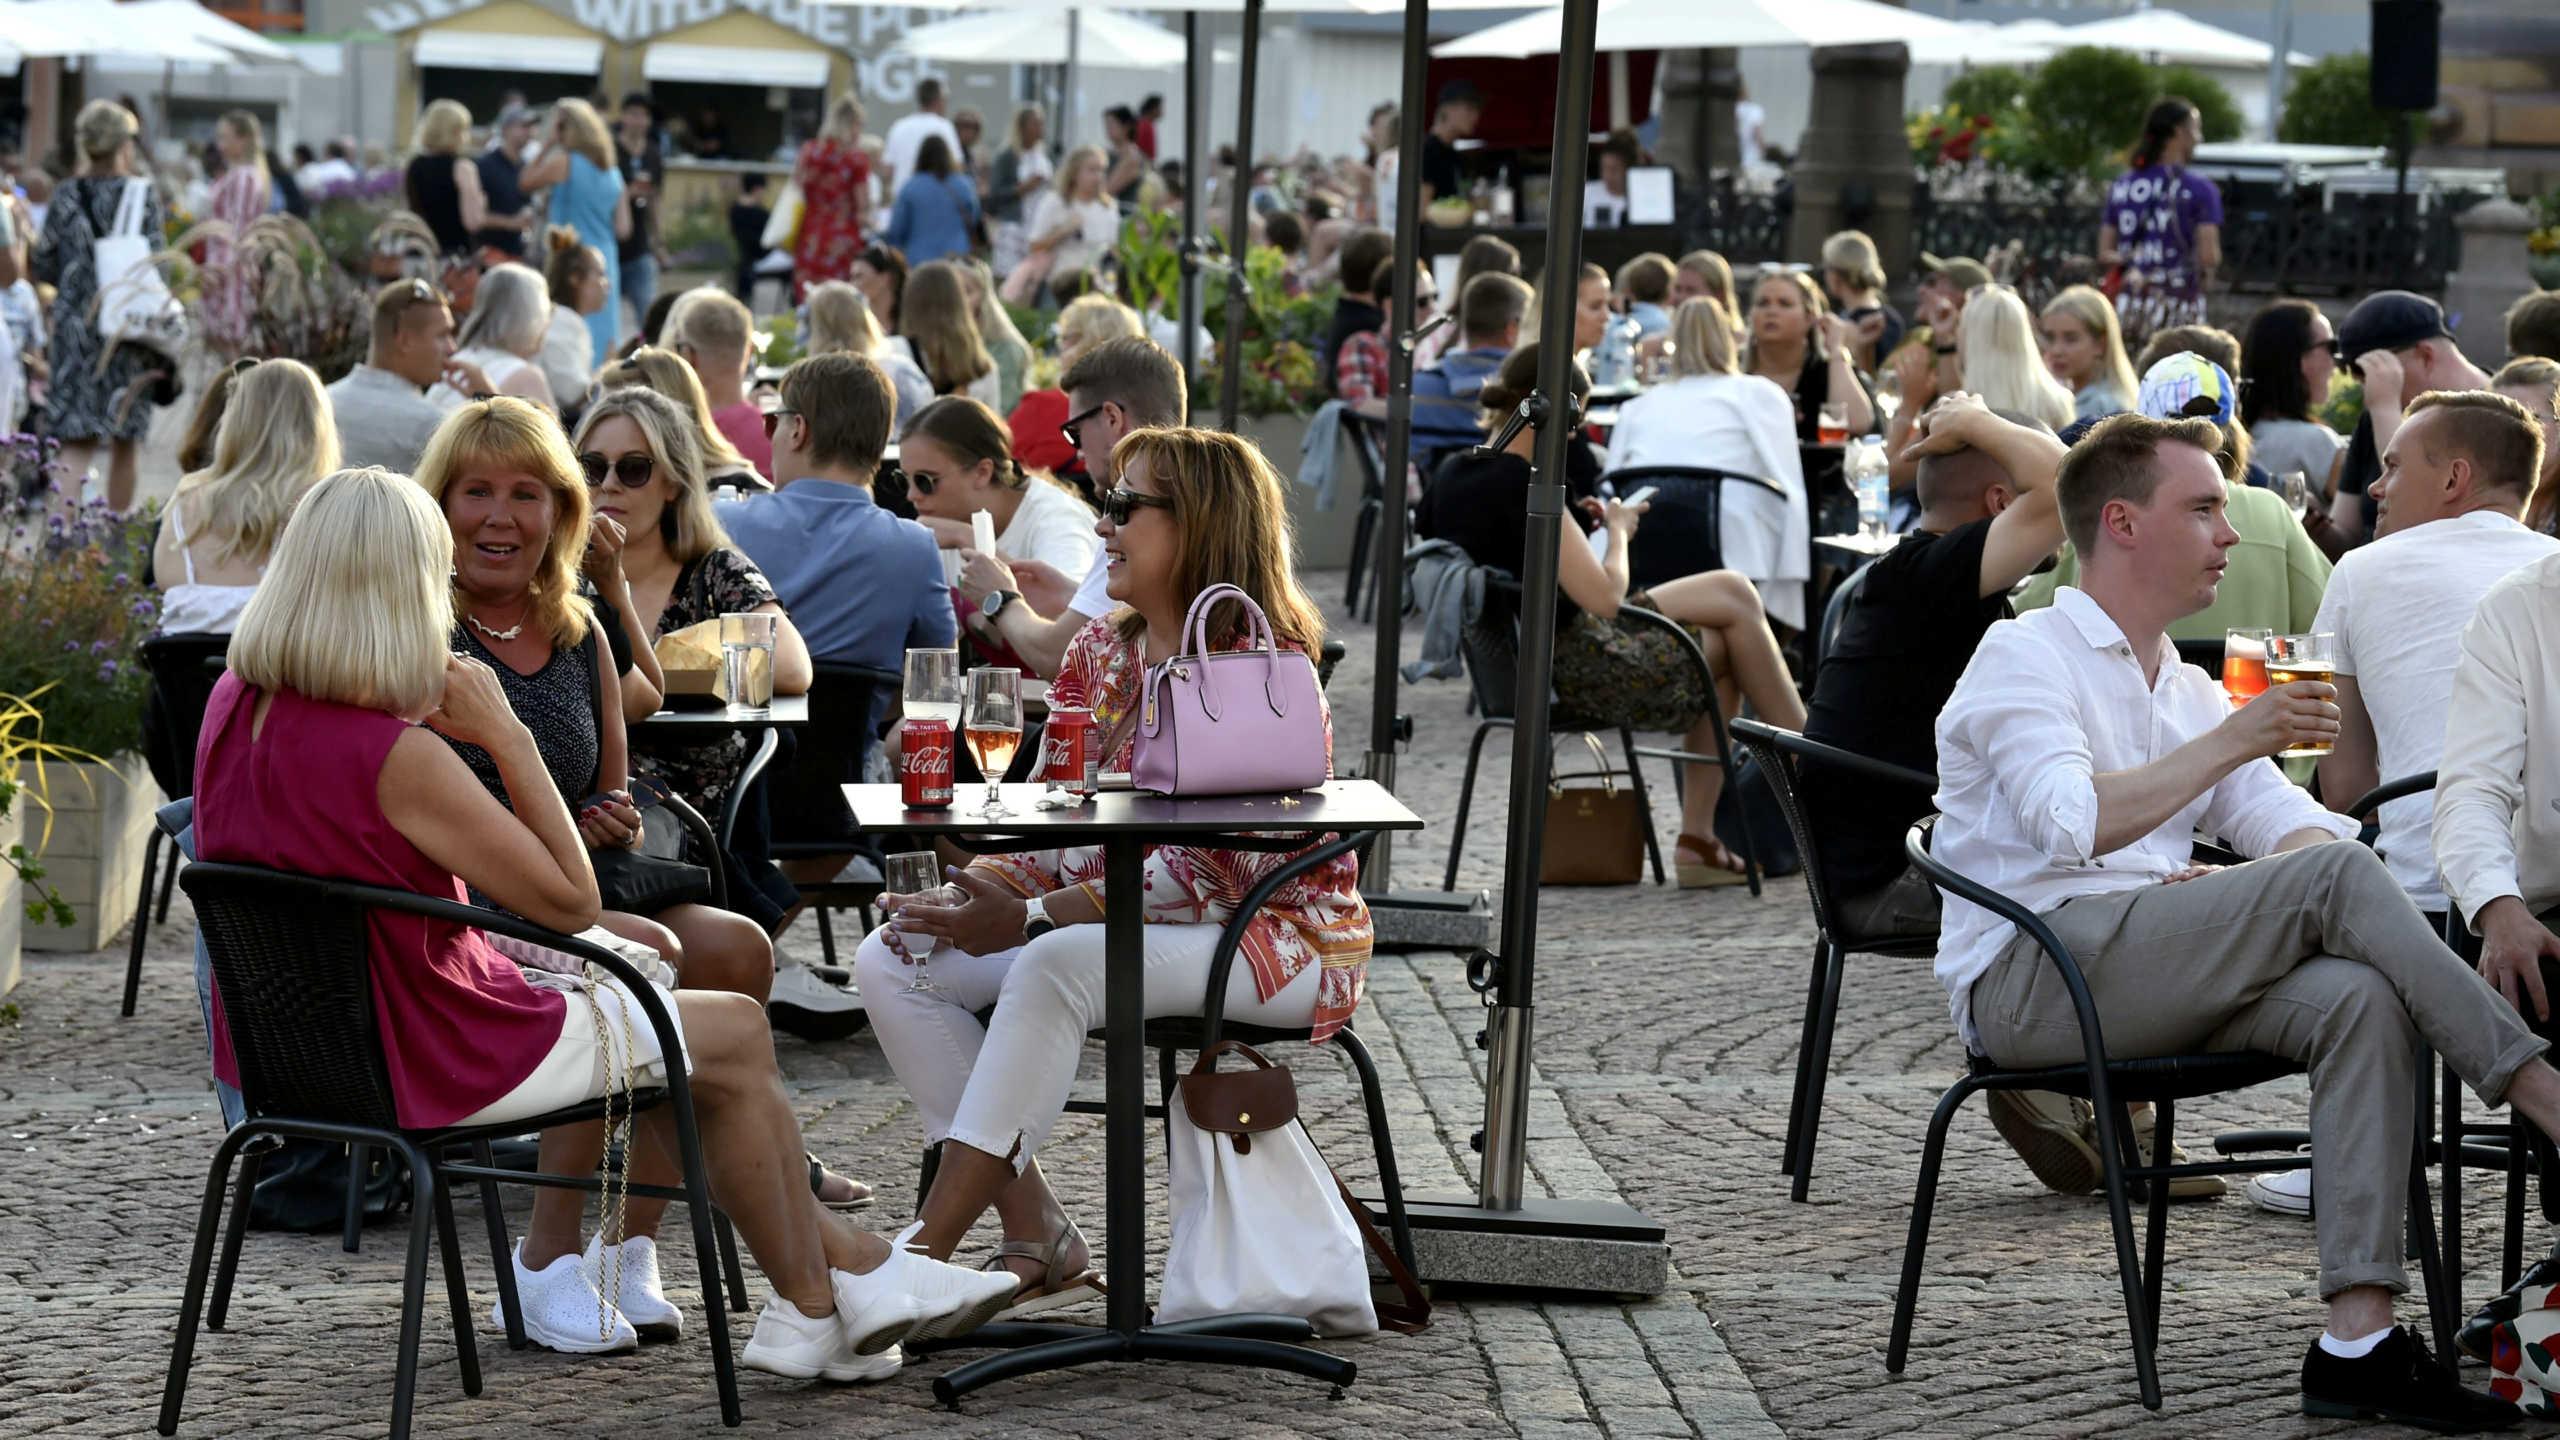 Κορονοϊός: Χαλαρώνει τα μέτρα στα εστιατόρια η Φινλανδία